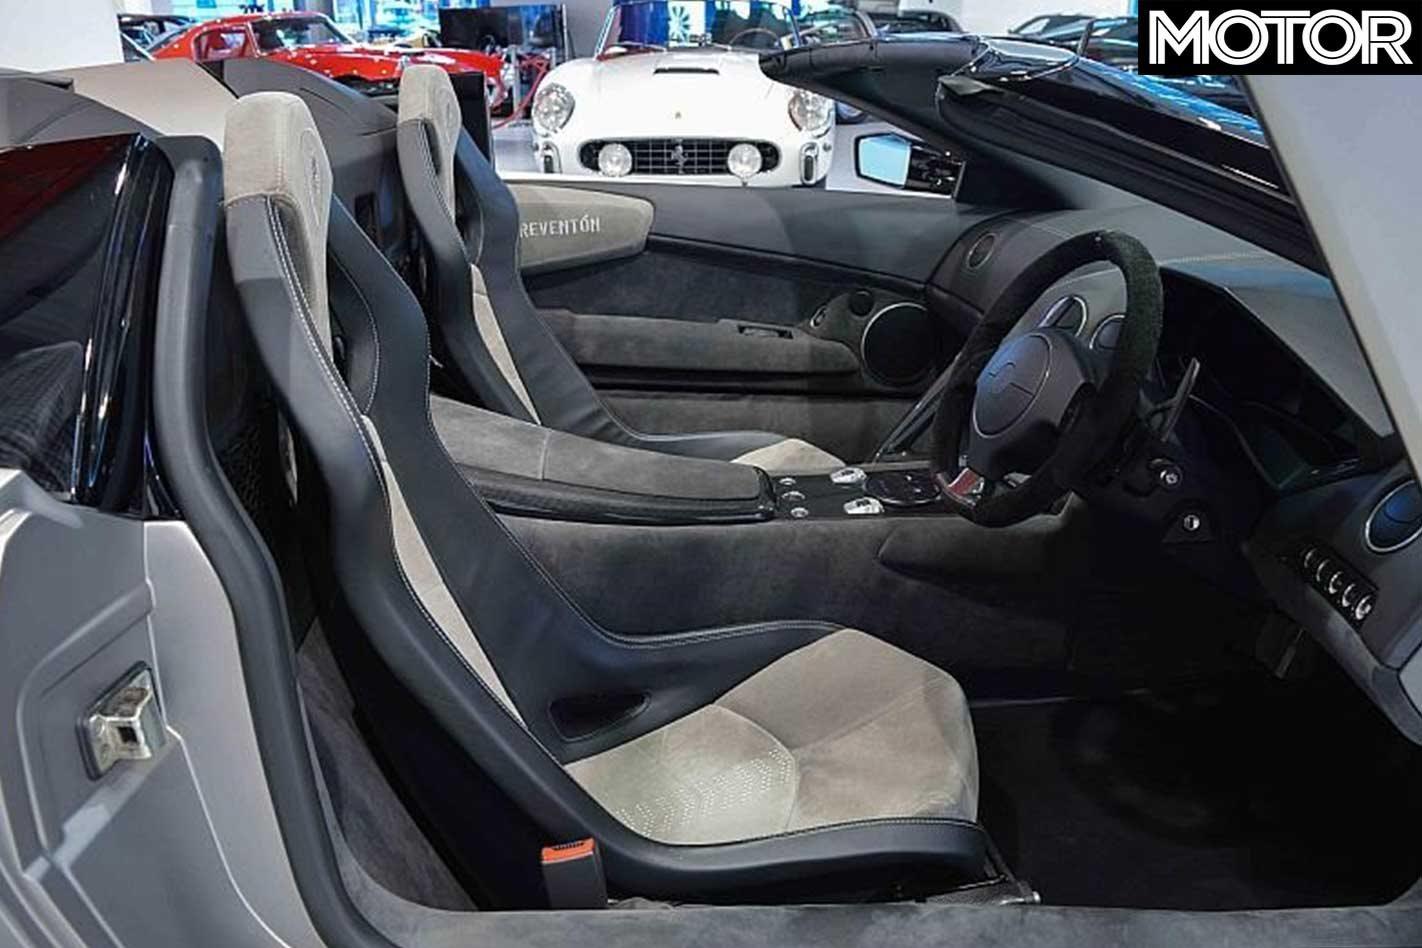 Ultra Rare Rhd Lamborghini Reventon For Sale